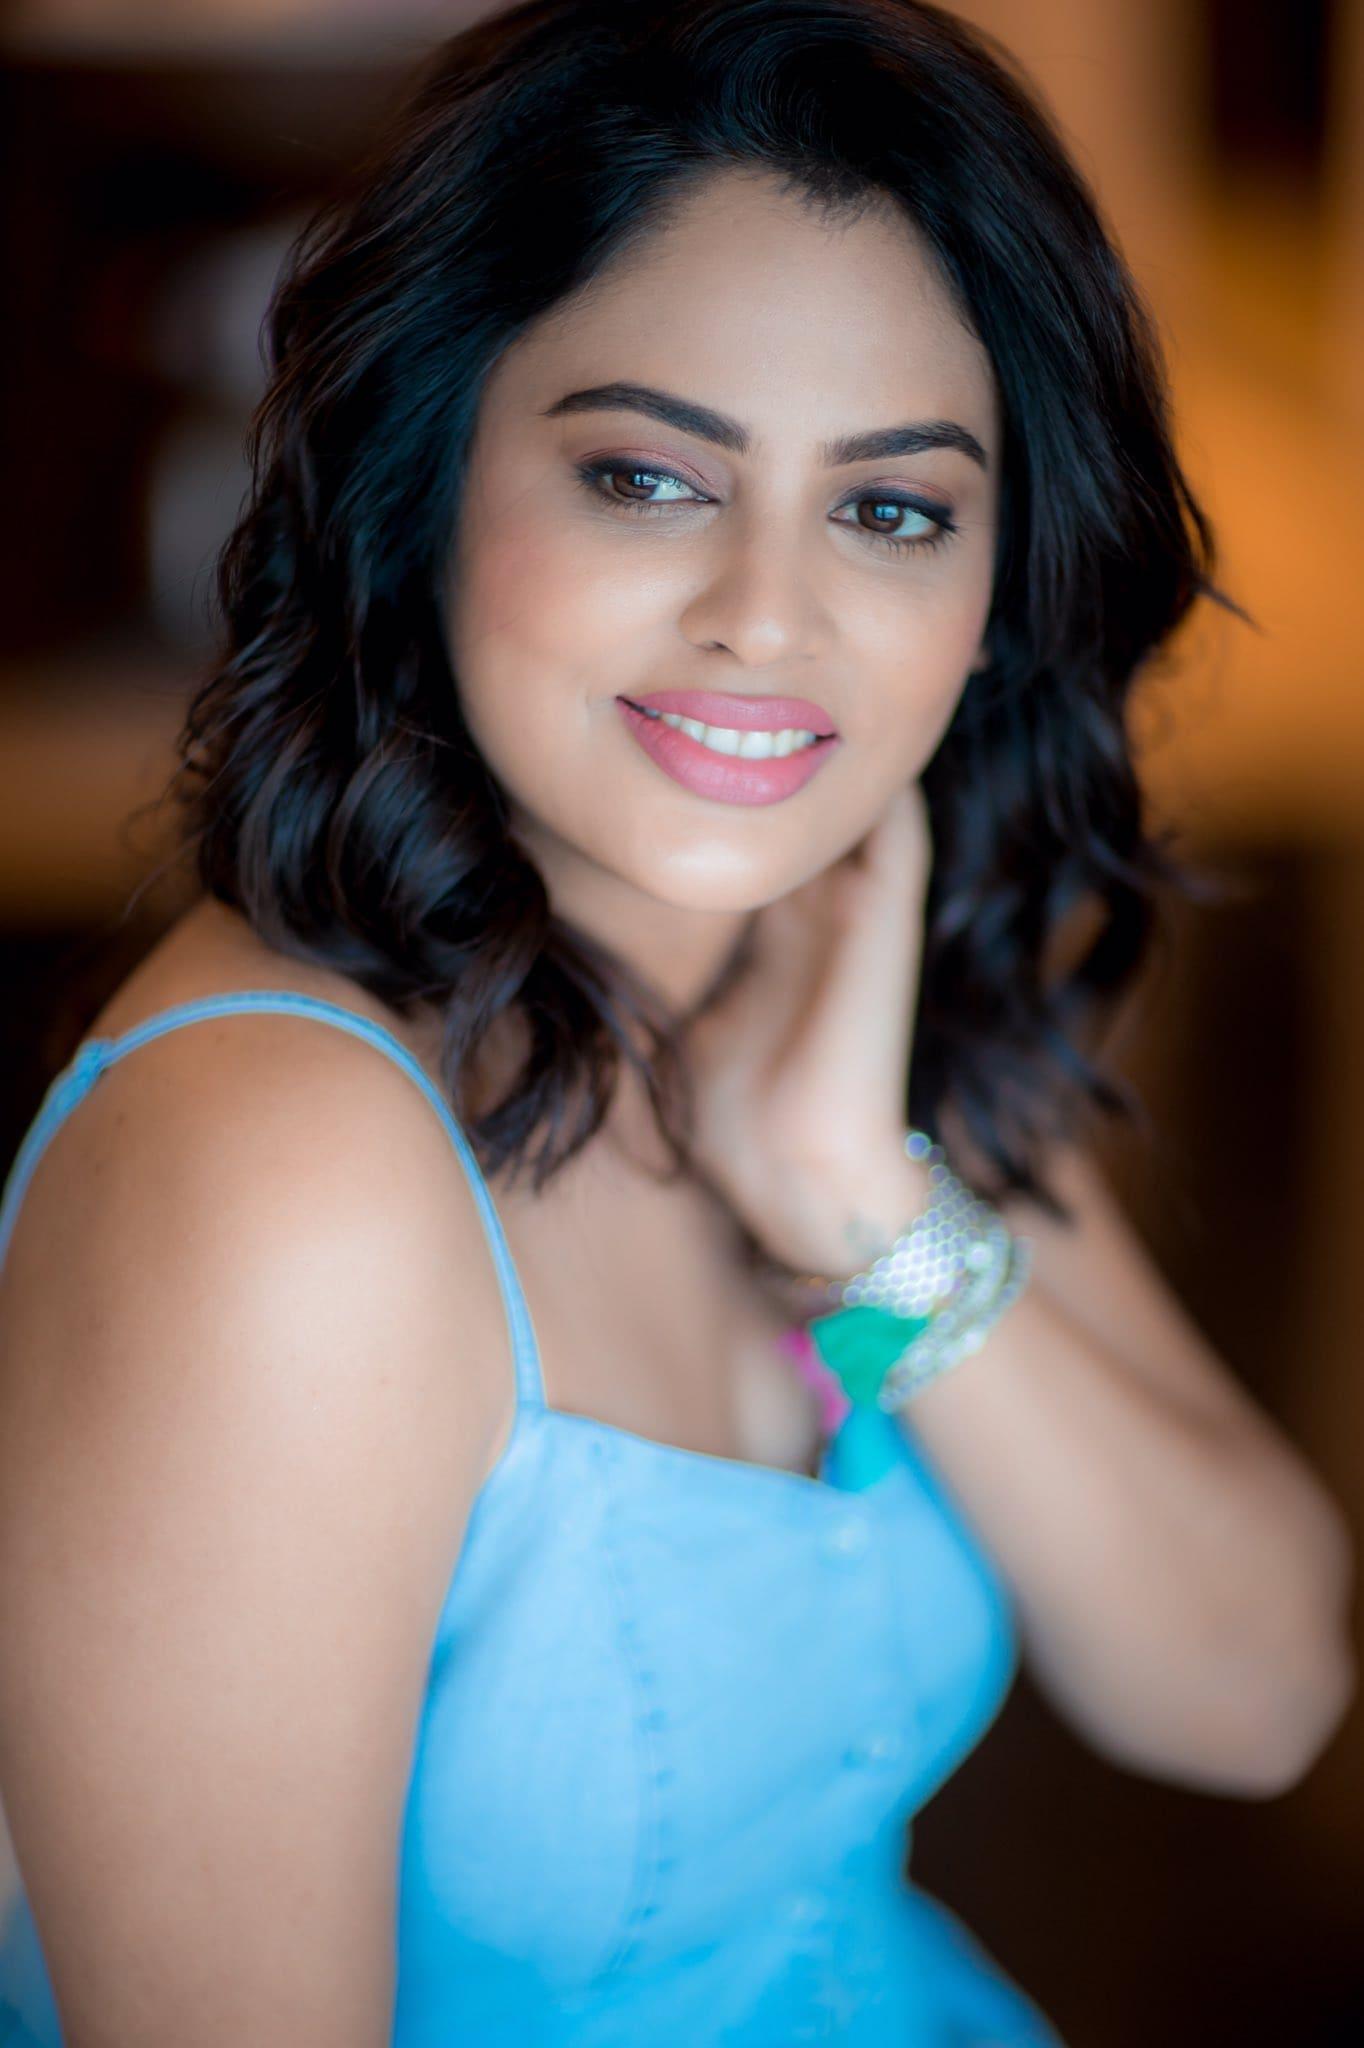 நடிகை நந்திதா ஸ்வேதா ( Image: Twitter @Nanditasweta)